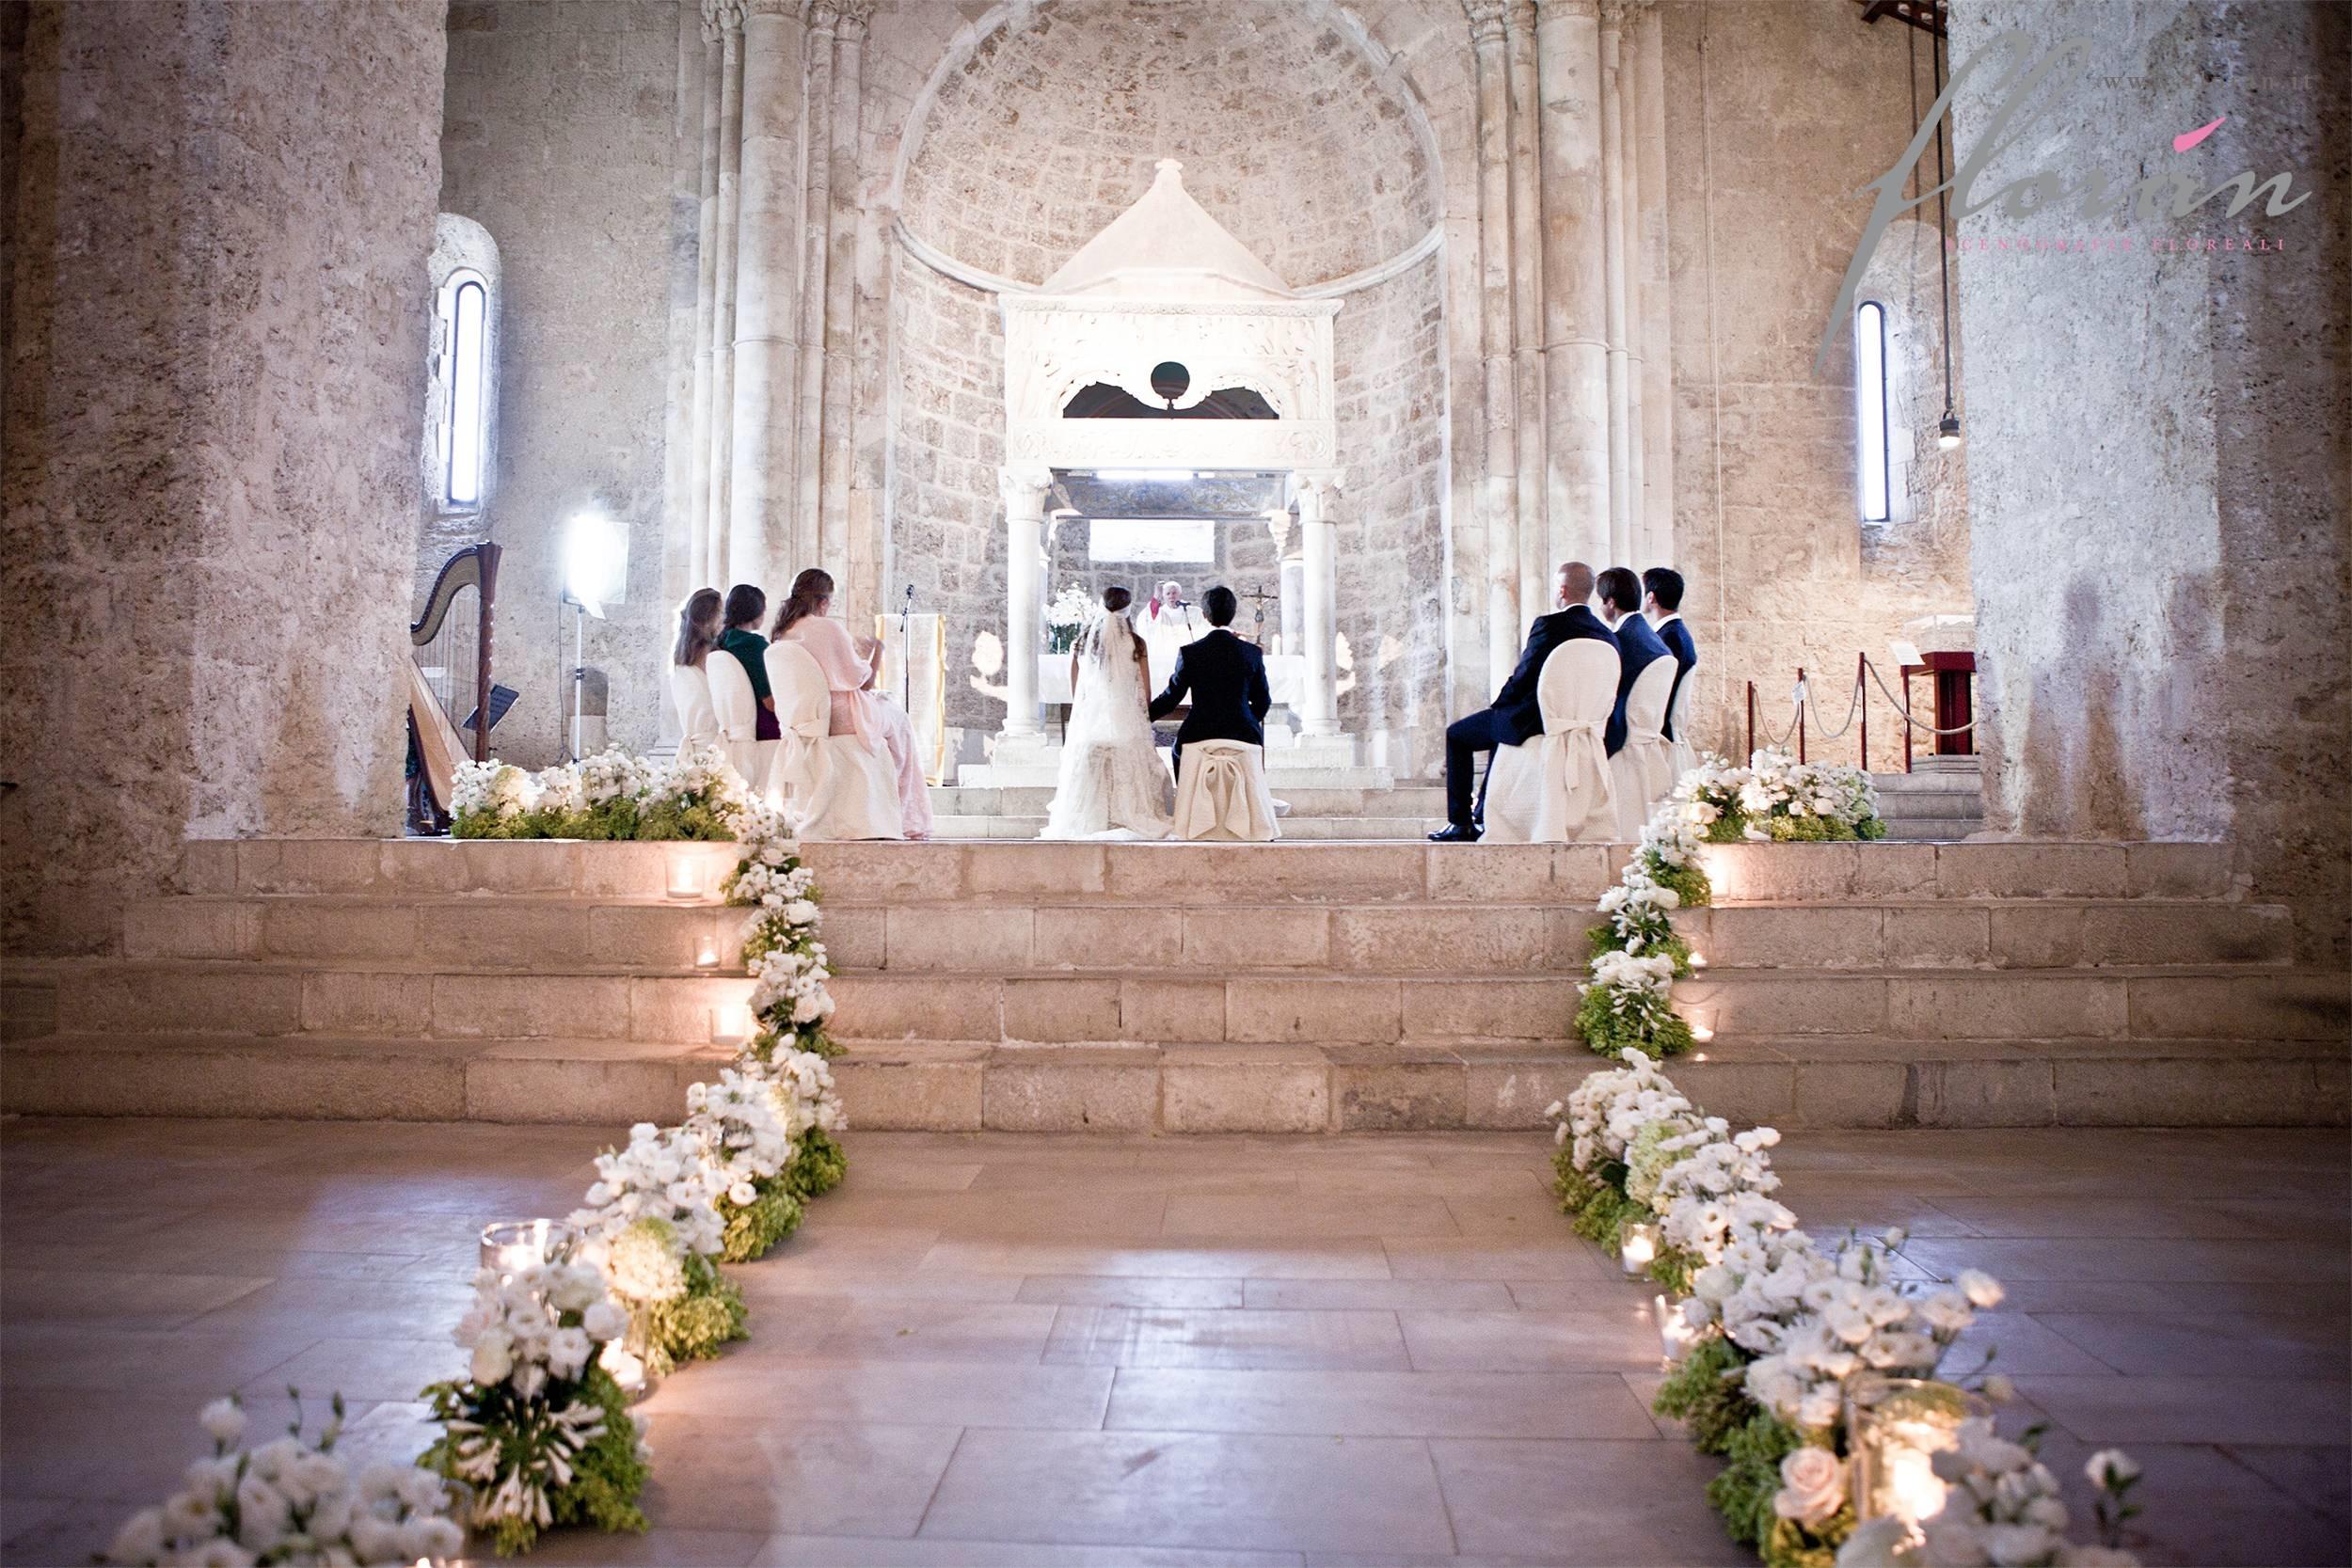 Matrimonio Natale Chiesa : Addobbi matrimoni regalare fiori come realizzare